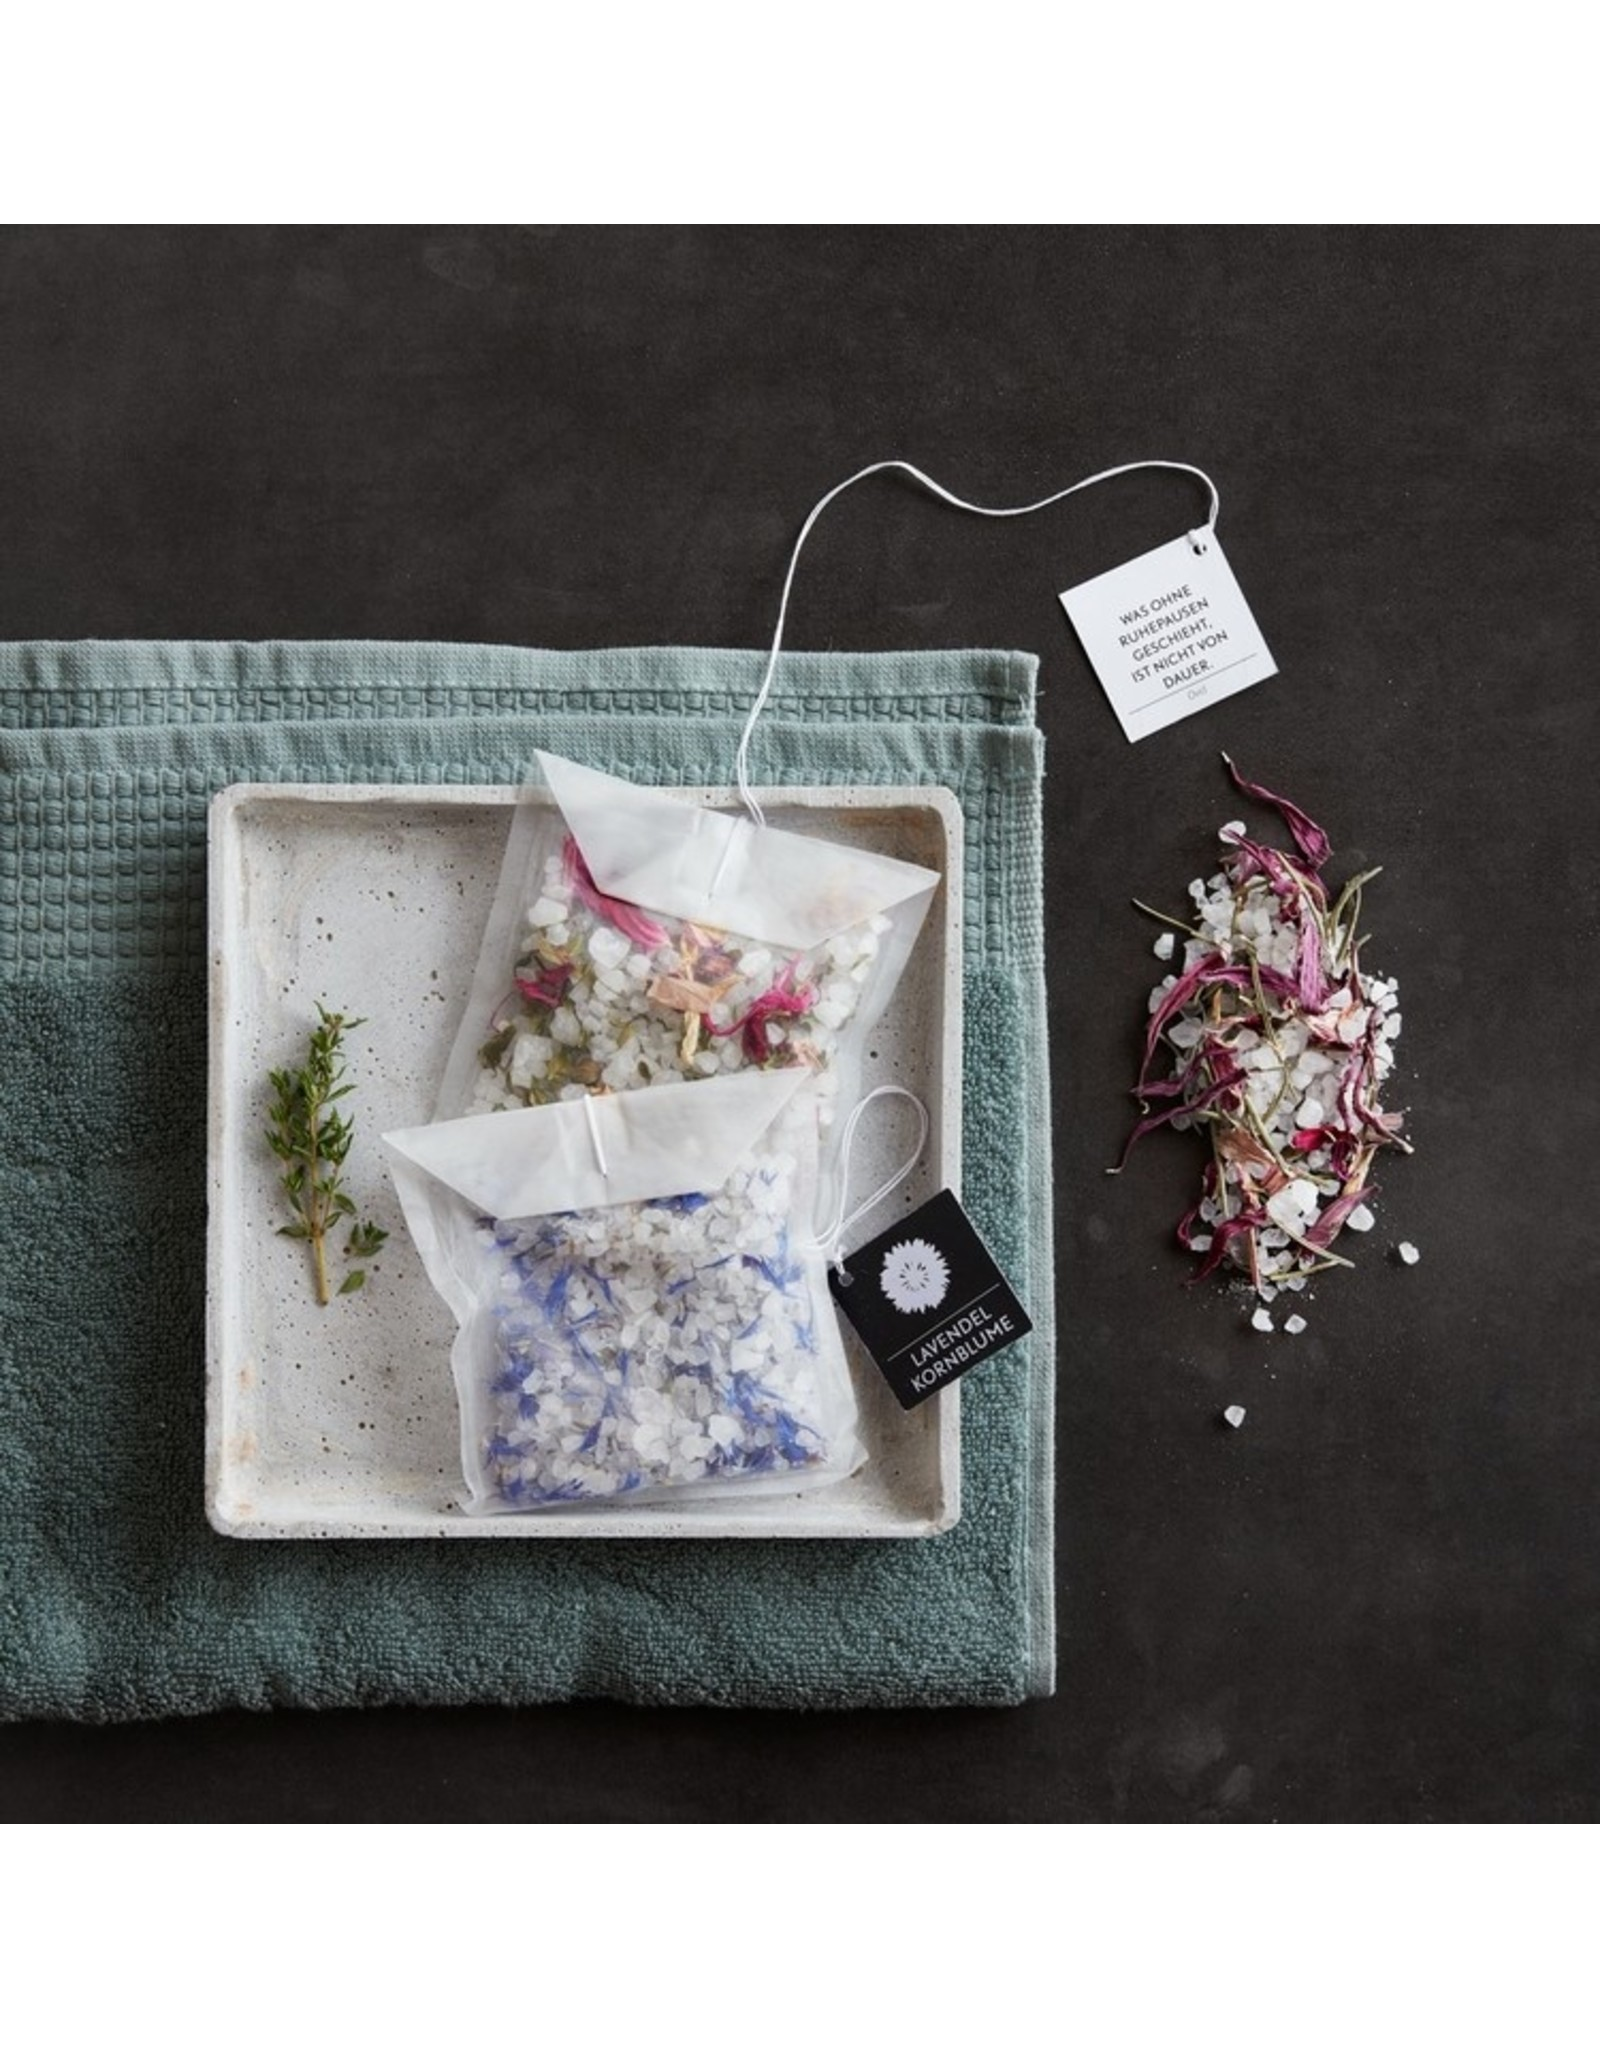 Fidea design Fleurs de Bain Lavendel & Kornblume